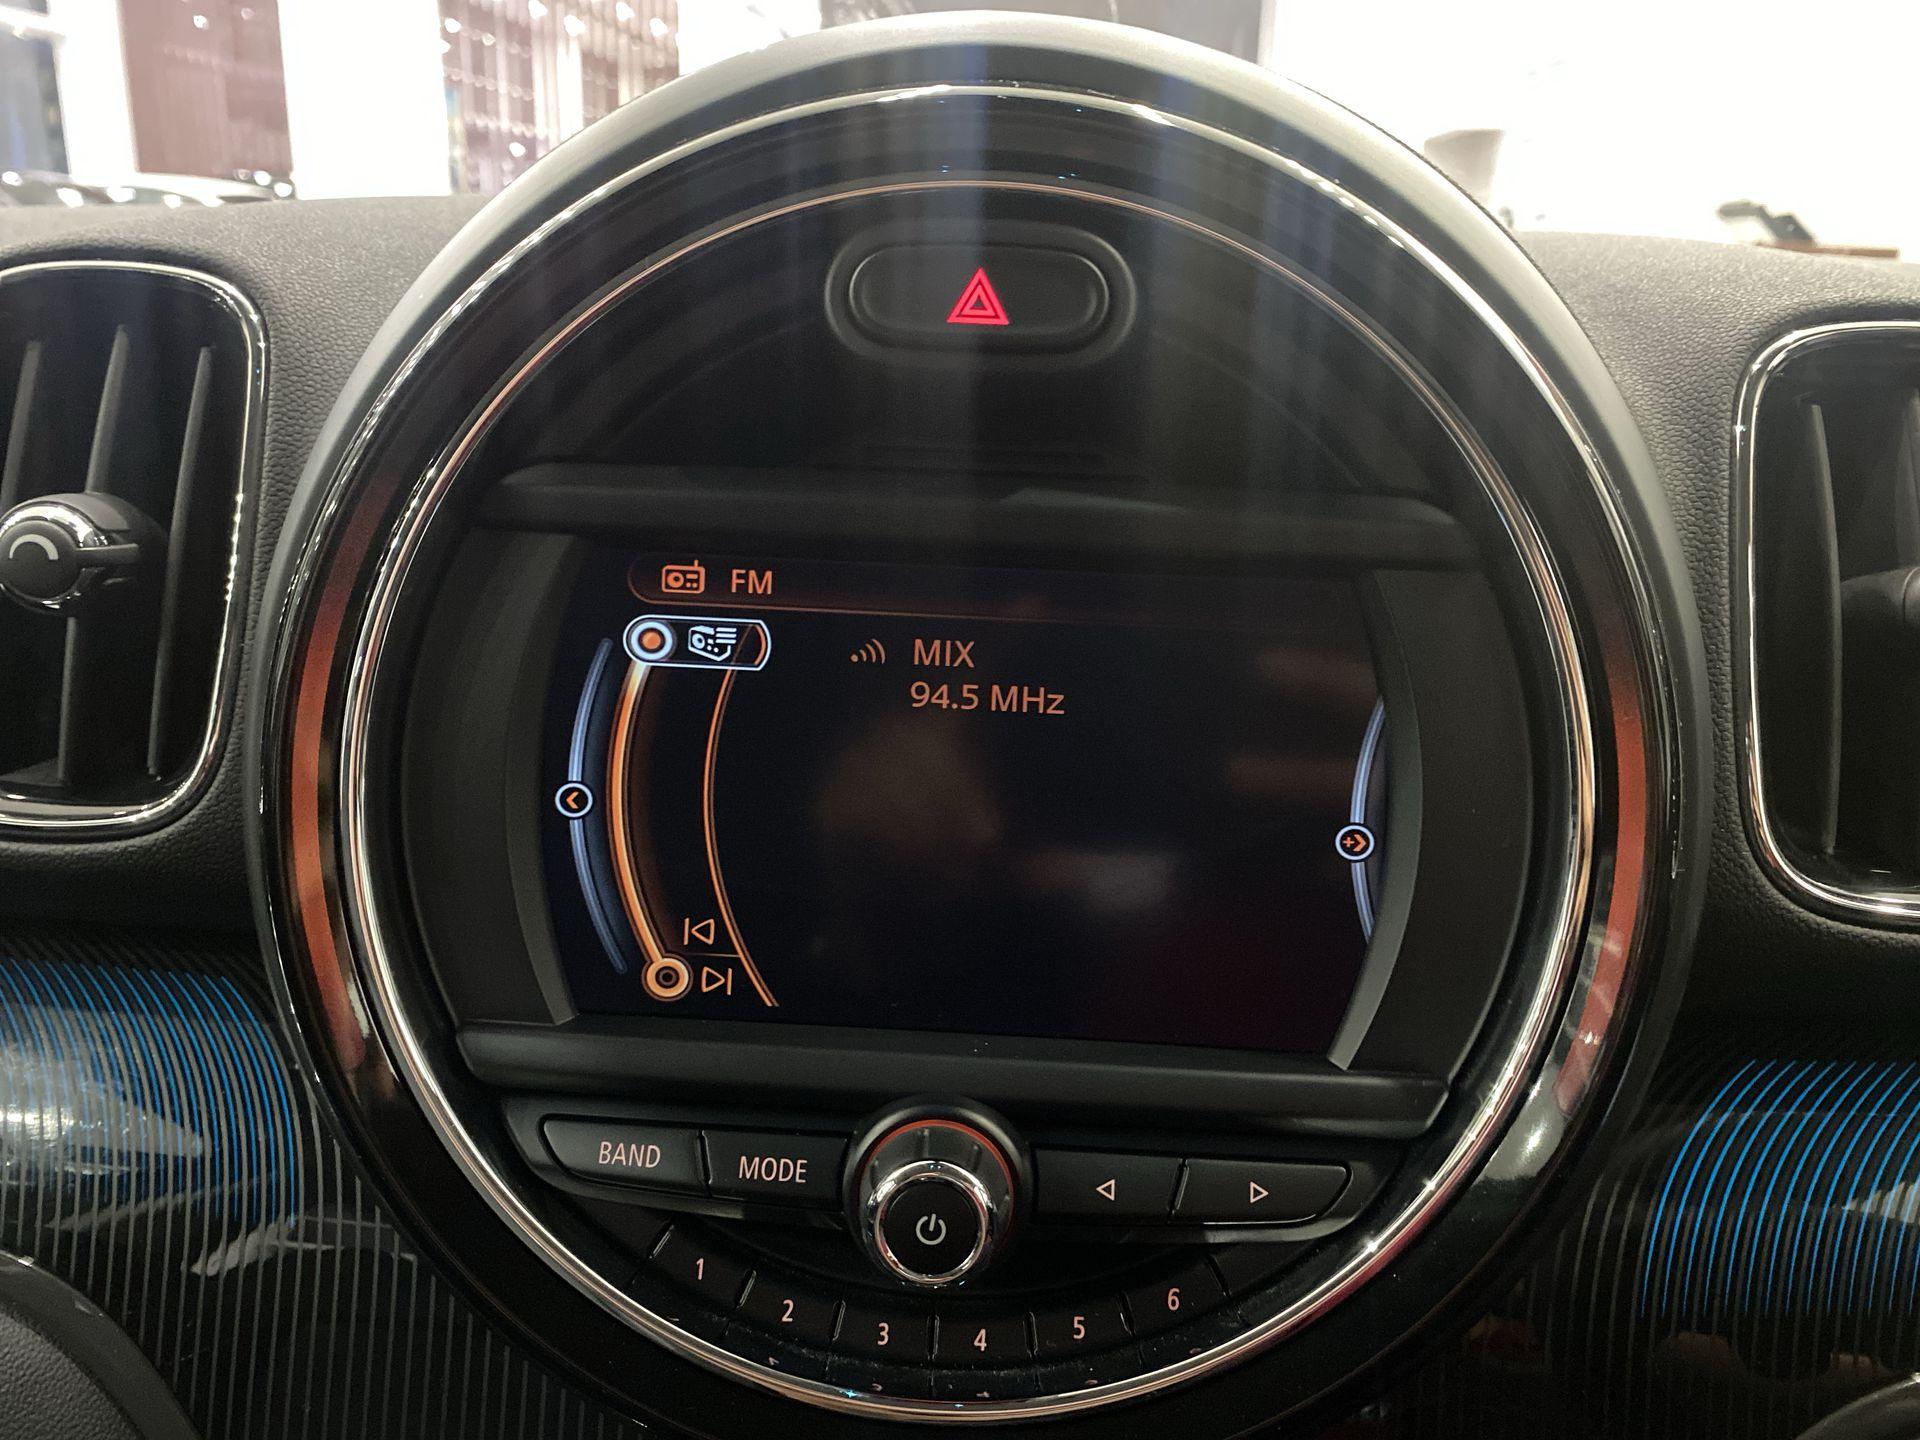 2017 MINI Cooper S Countryman